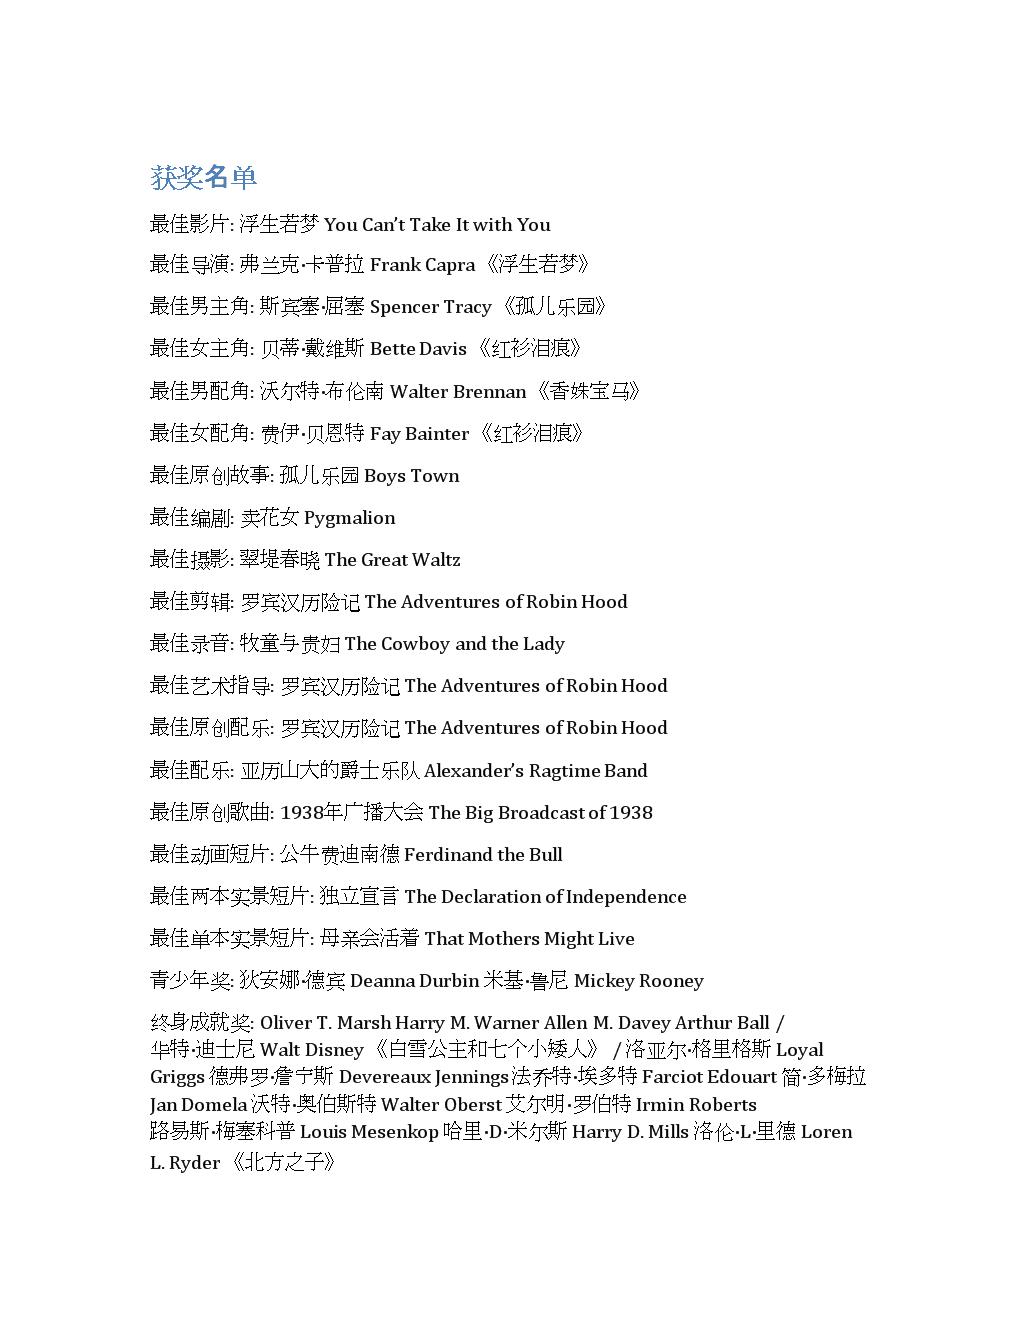 历届奥斯卡电影经典之1939年.docx